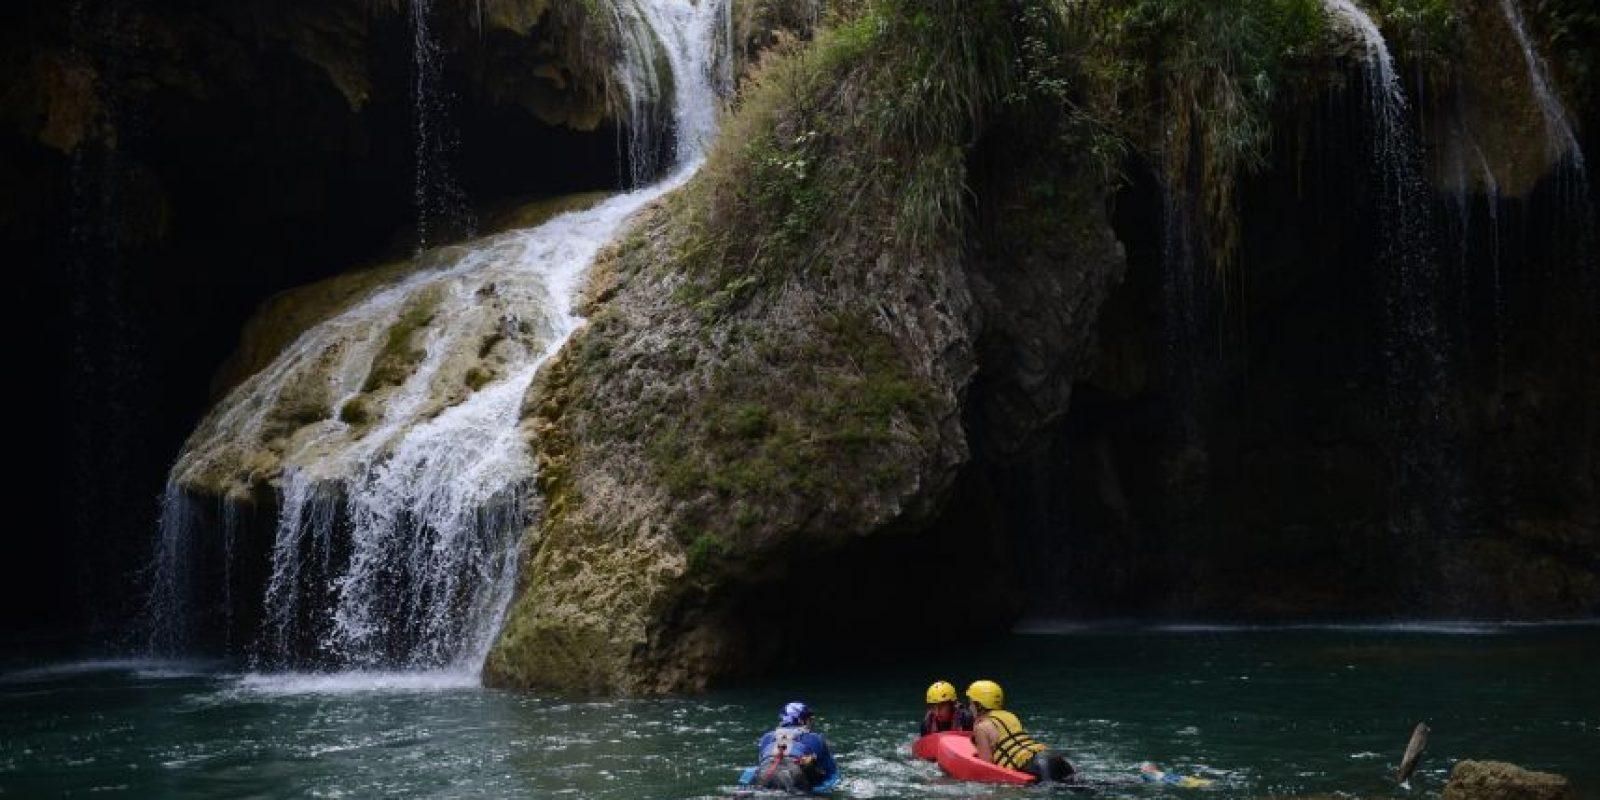 El hidrospeed es una de las categorías más recientes de los deportes de aguas blancas con alrededor de 30 años de practicarse Foto:Oliver de Ros